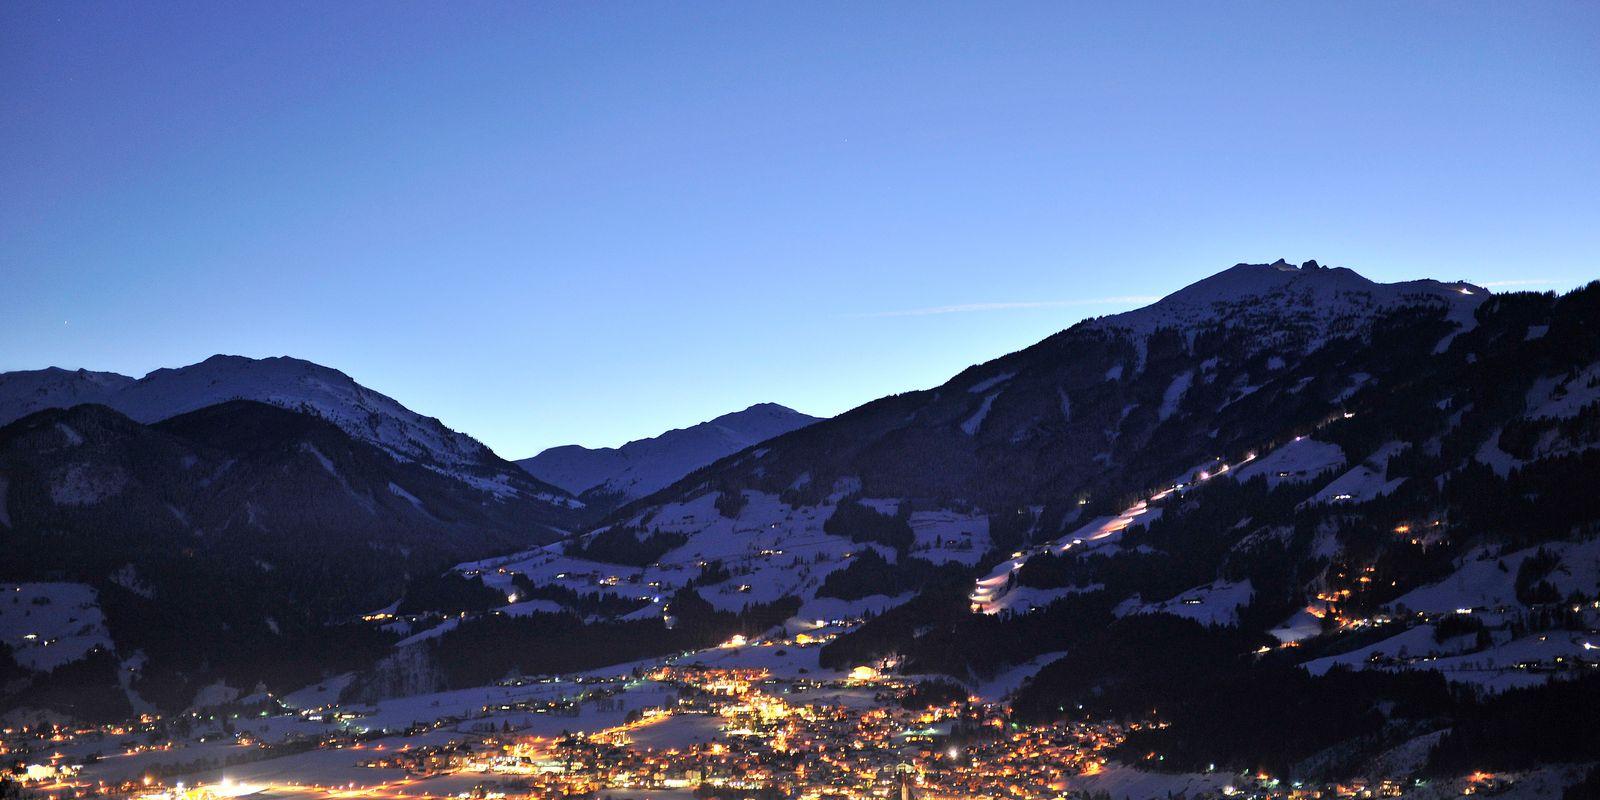 Nachtaufnahme der Ortschaft Fügen im Winter